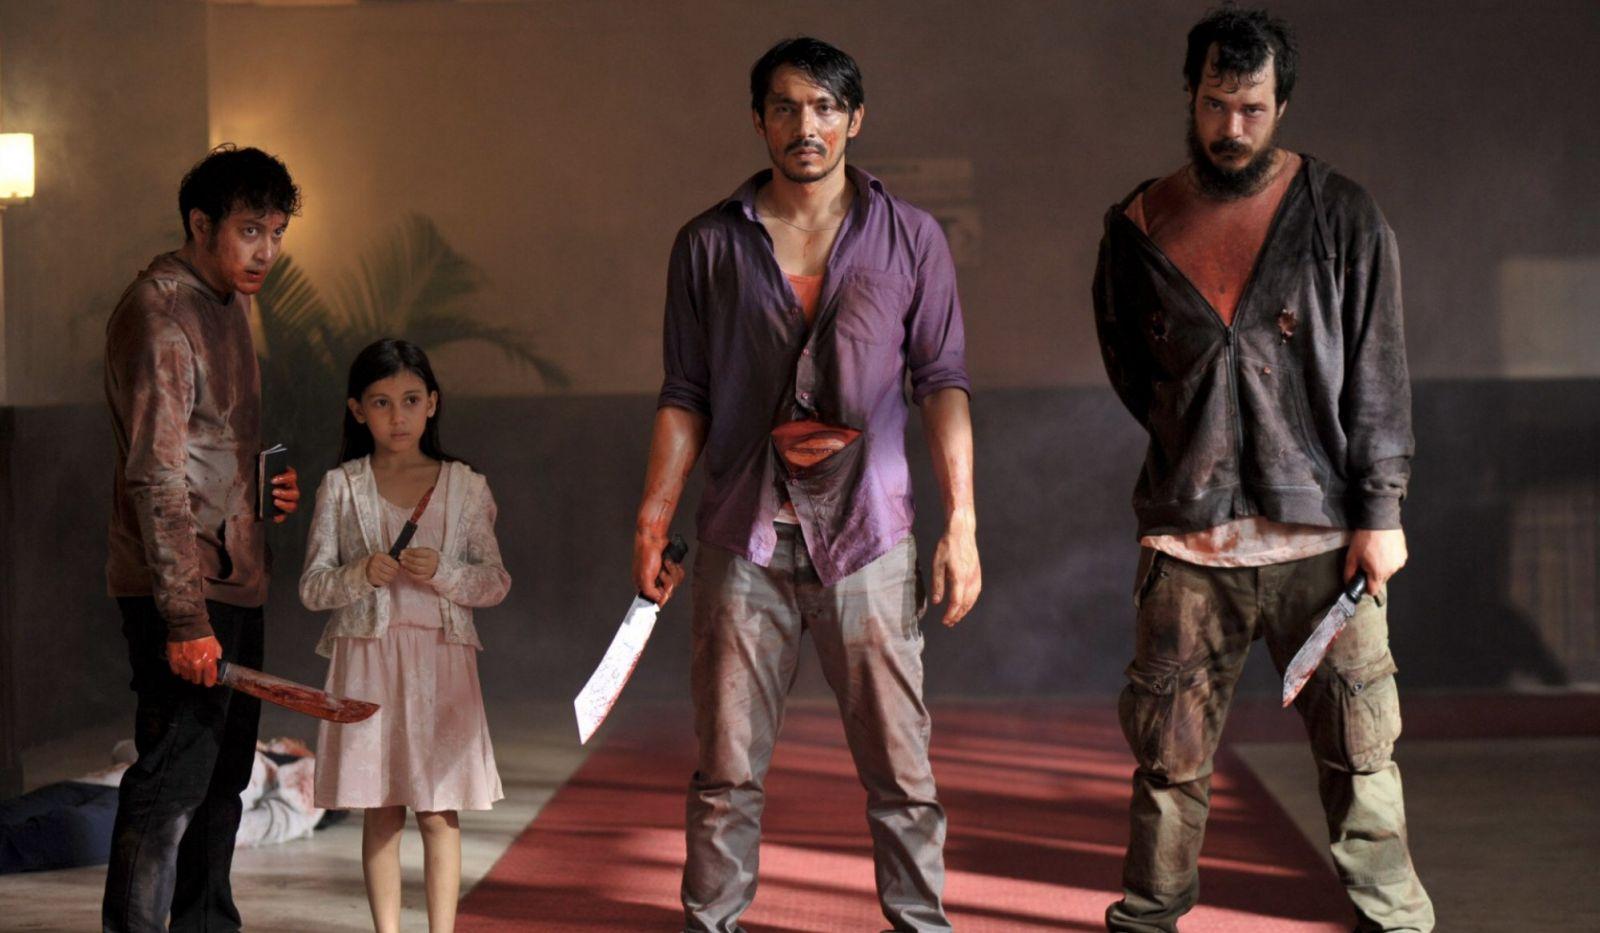 bộ phim kinh dị hành động The Night Comes For Us (Màn đông kéo đến) , một bản gốc của Netflix từ Indonesia được toàn thế giới đón nhận.